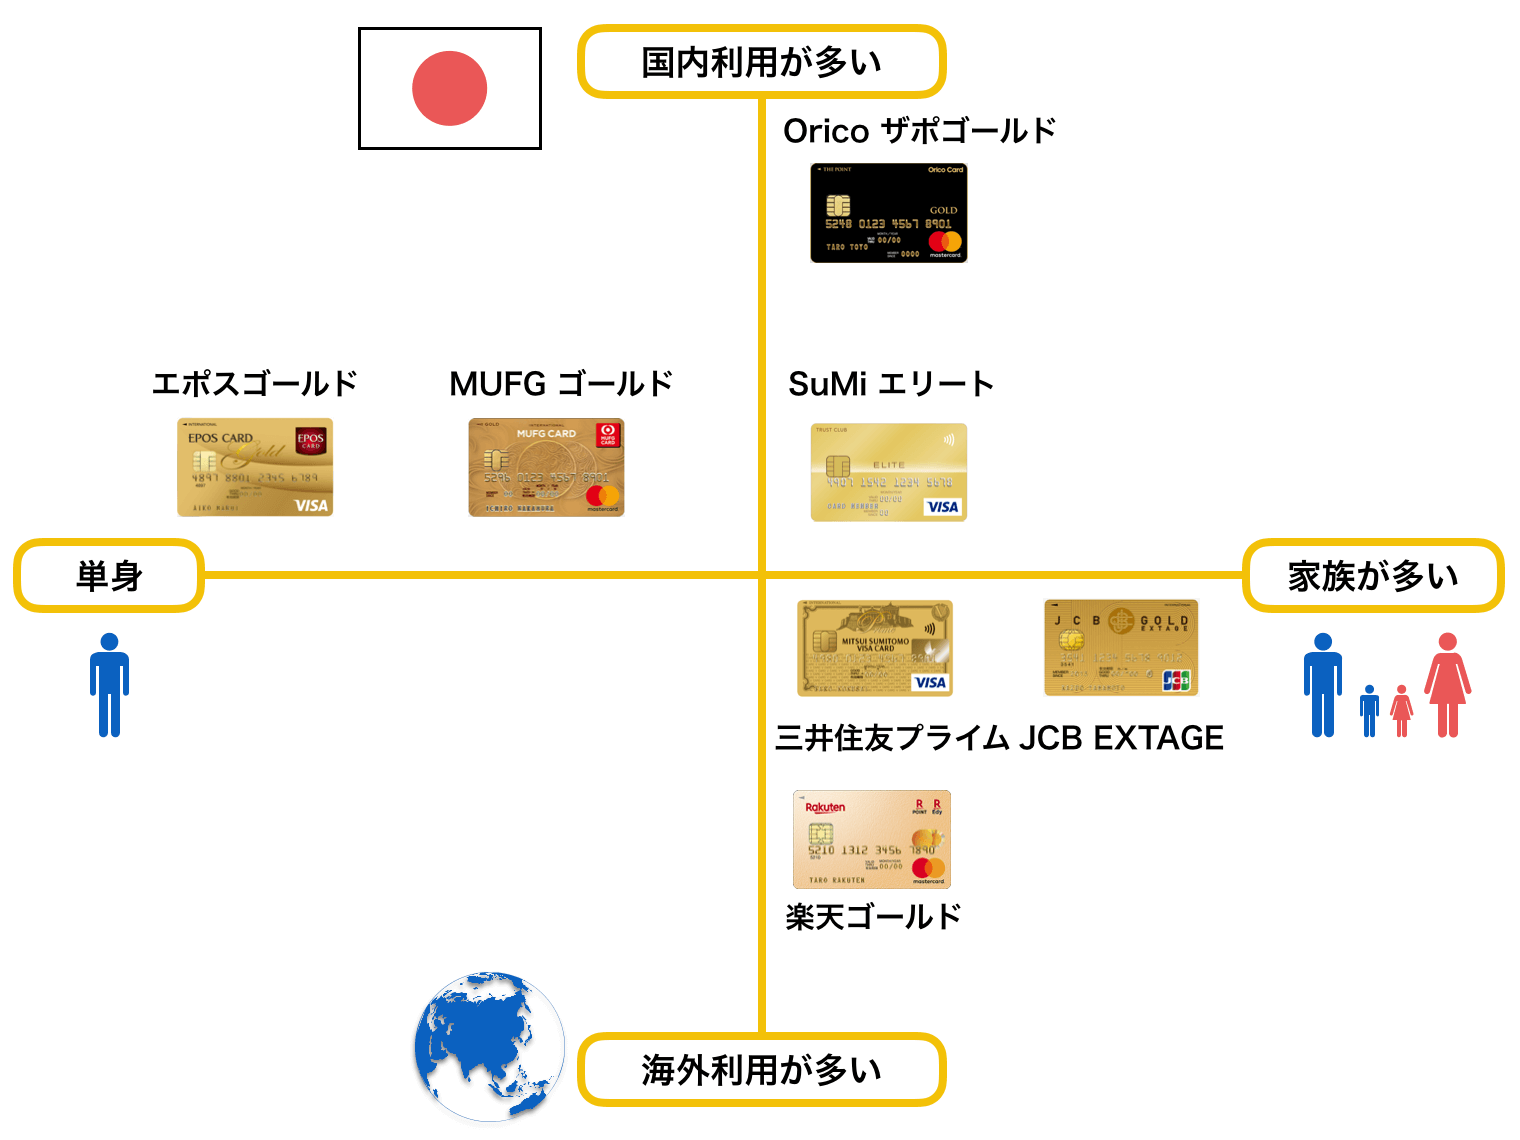 ゴールドカードのおすすめ 20代 ポジショニングマップ(2019年7月版)